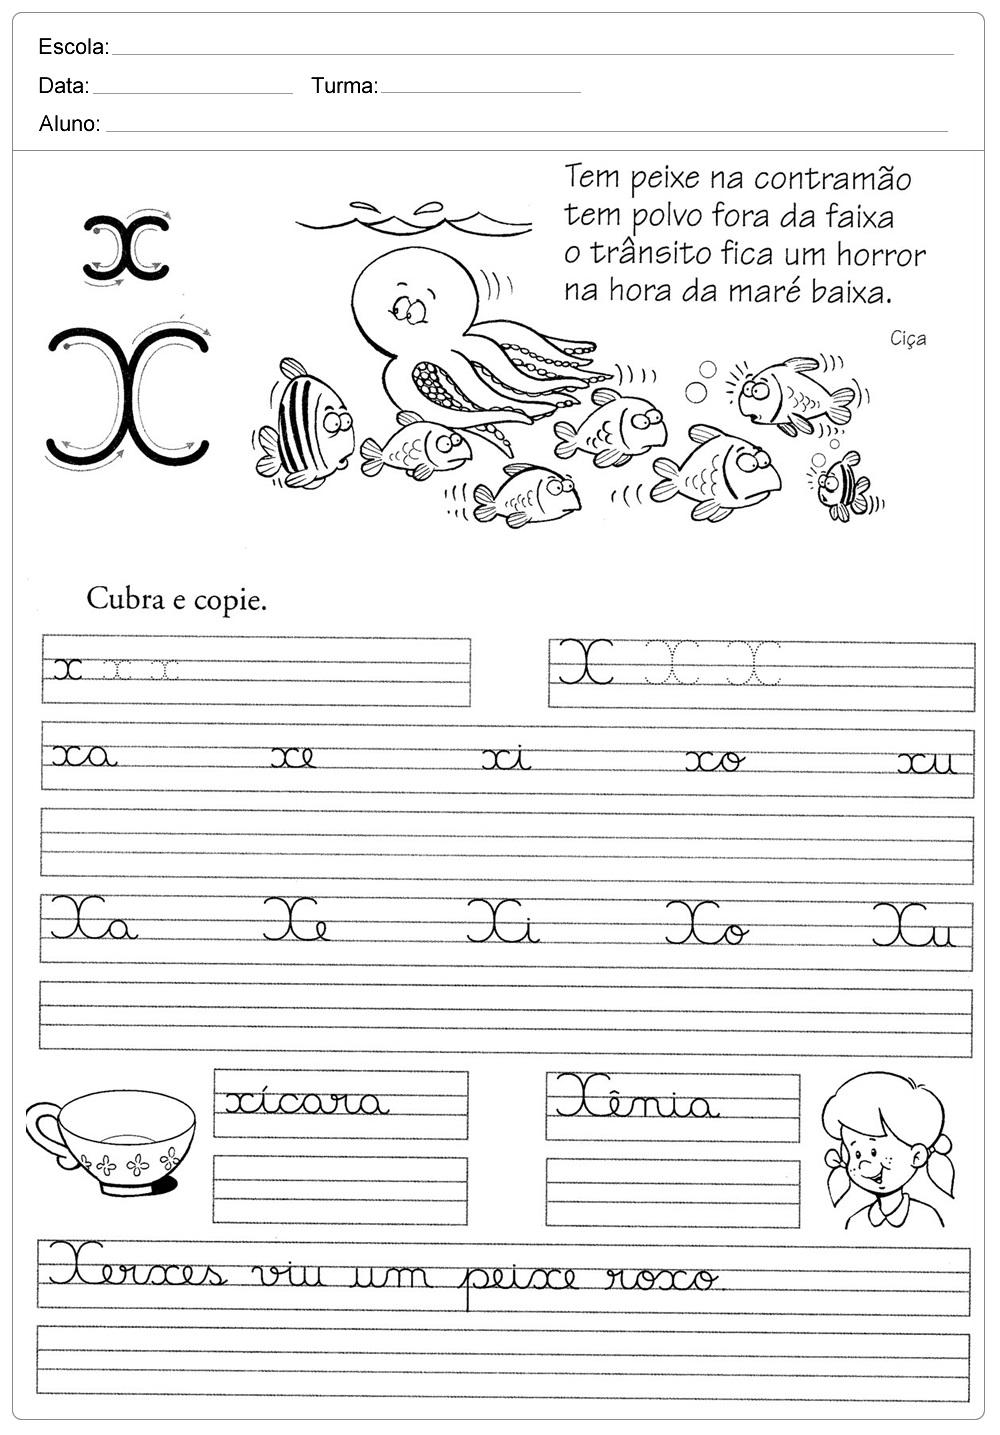 atividade-de-caligrafia-letra-X